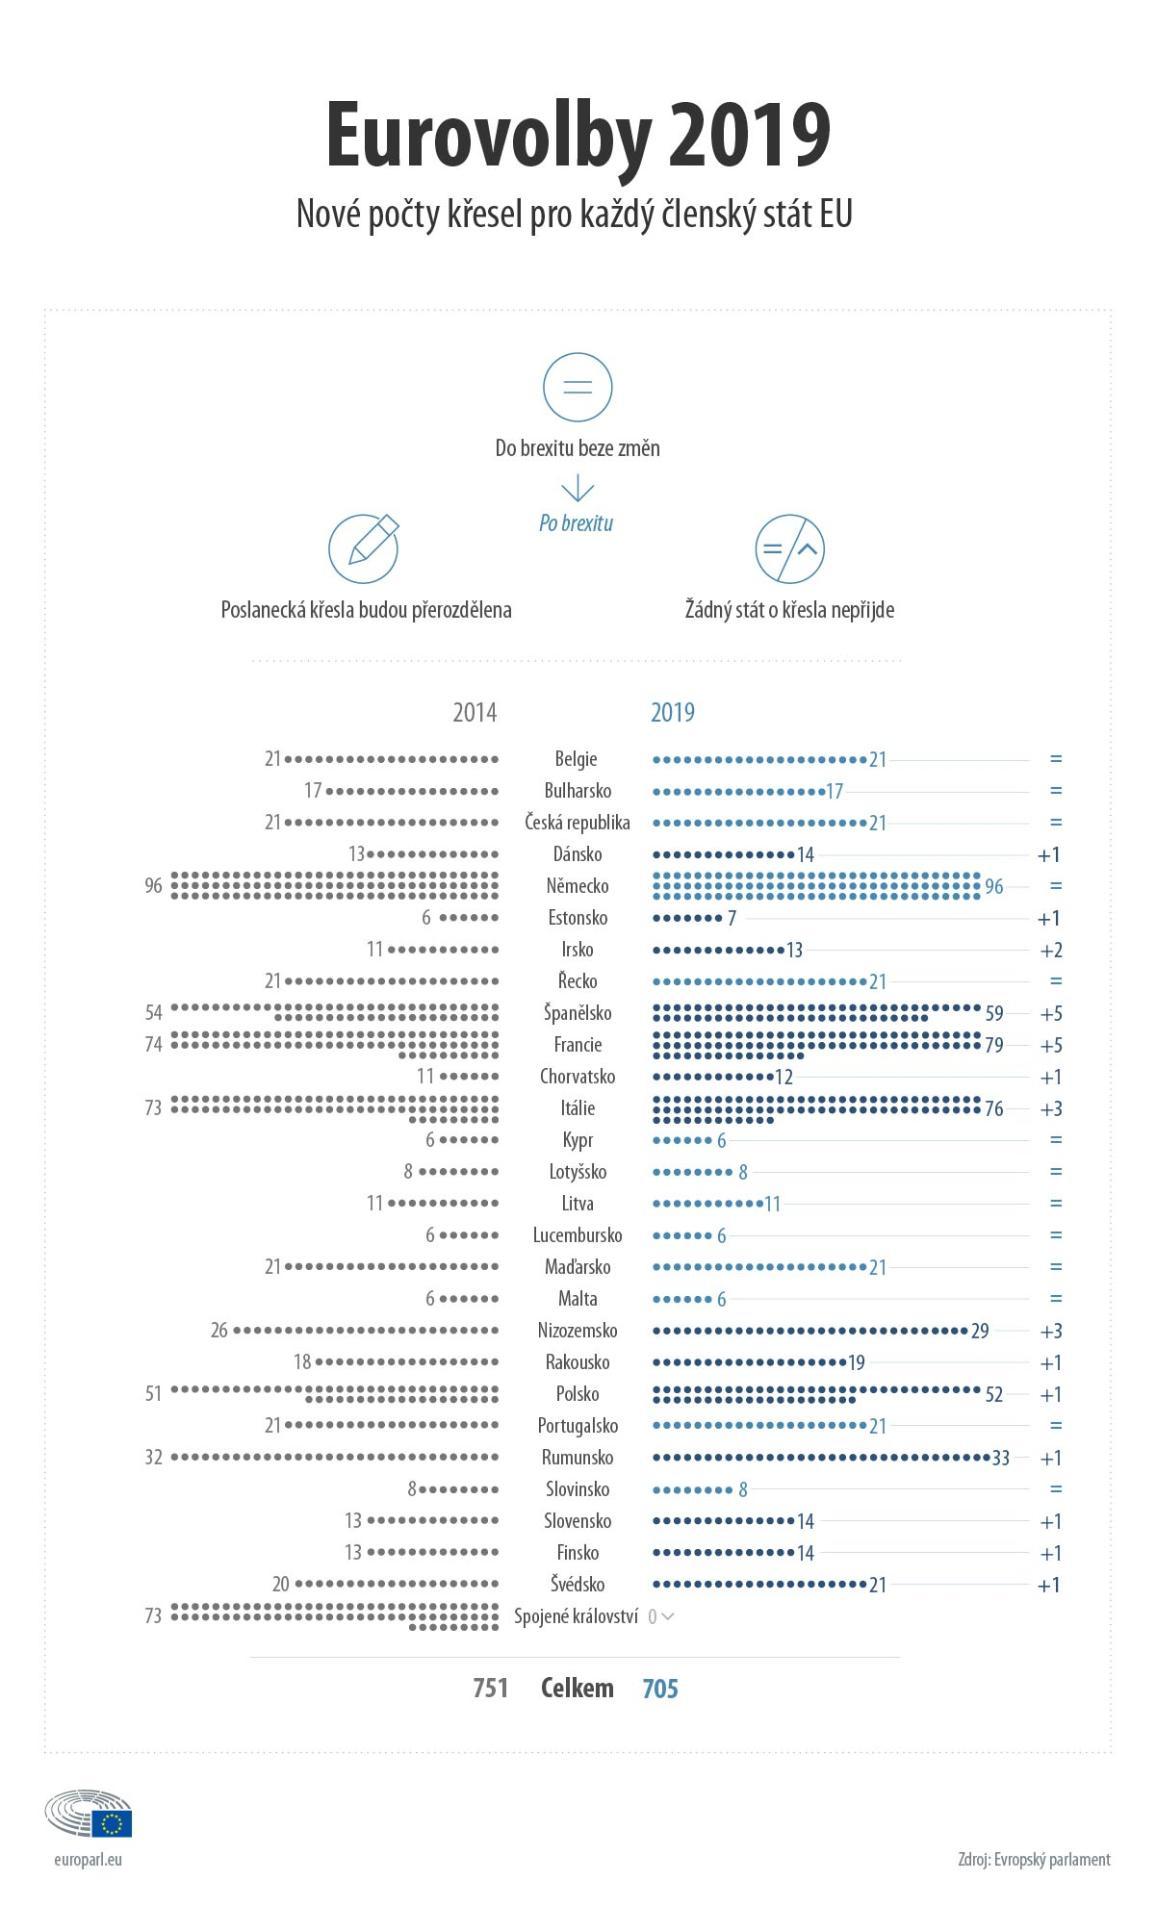 Infografika: Kolik bude europoslanců ve volebním období 2019 - 2024